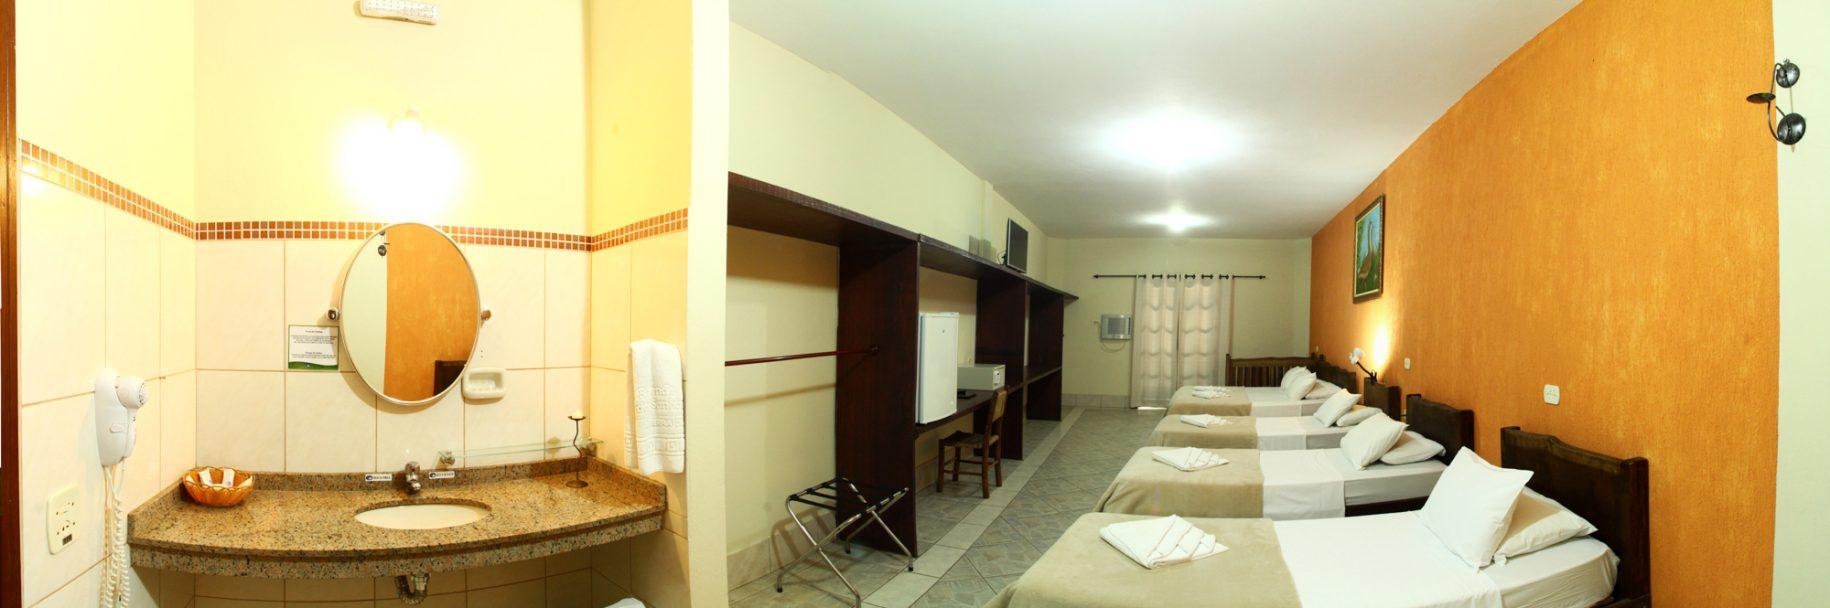 Apartamento do hotel fazenda parque dos sonhos com 3 camas de solteiro, uma cama de casal, frigobar, cofre, tv de led, ar condicionado quente e frio, pia com secador